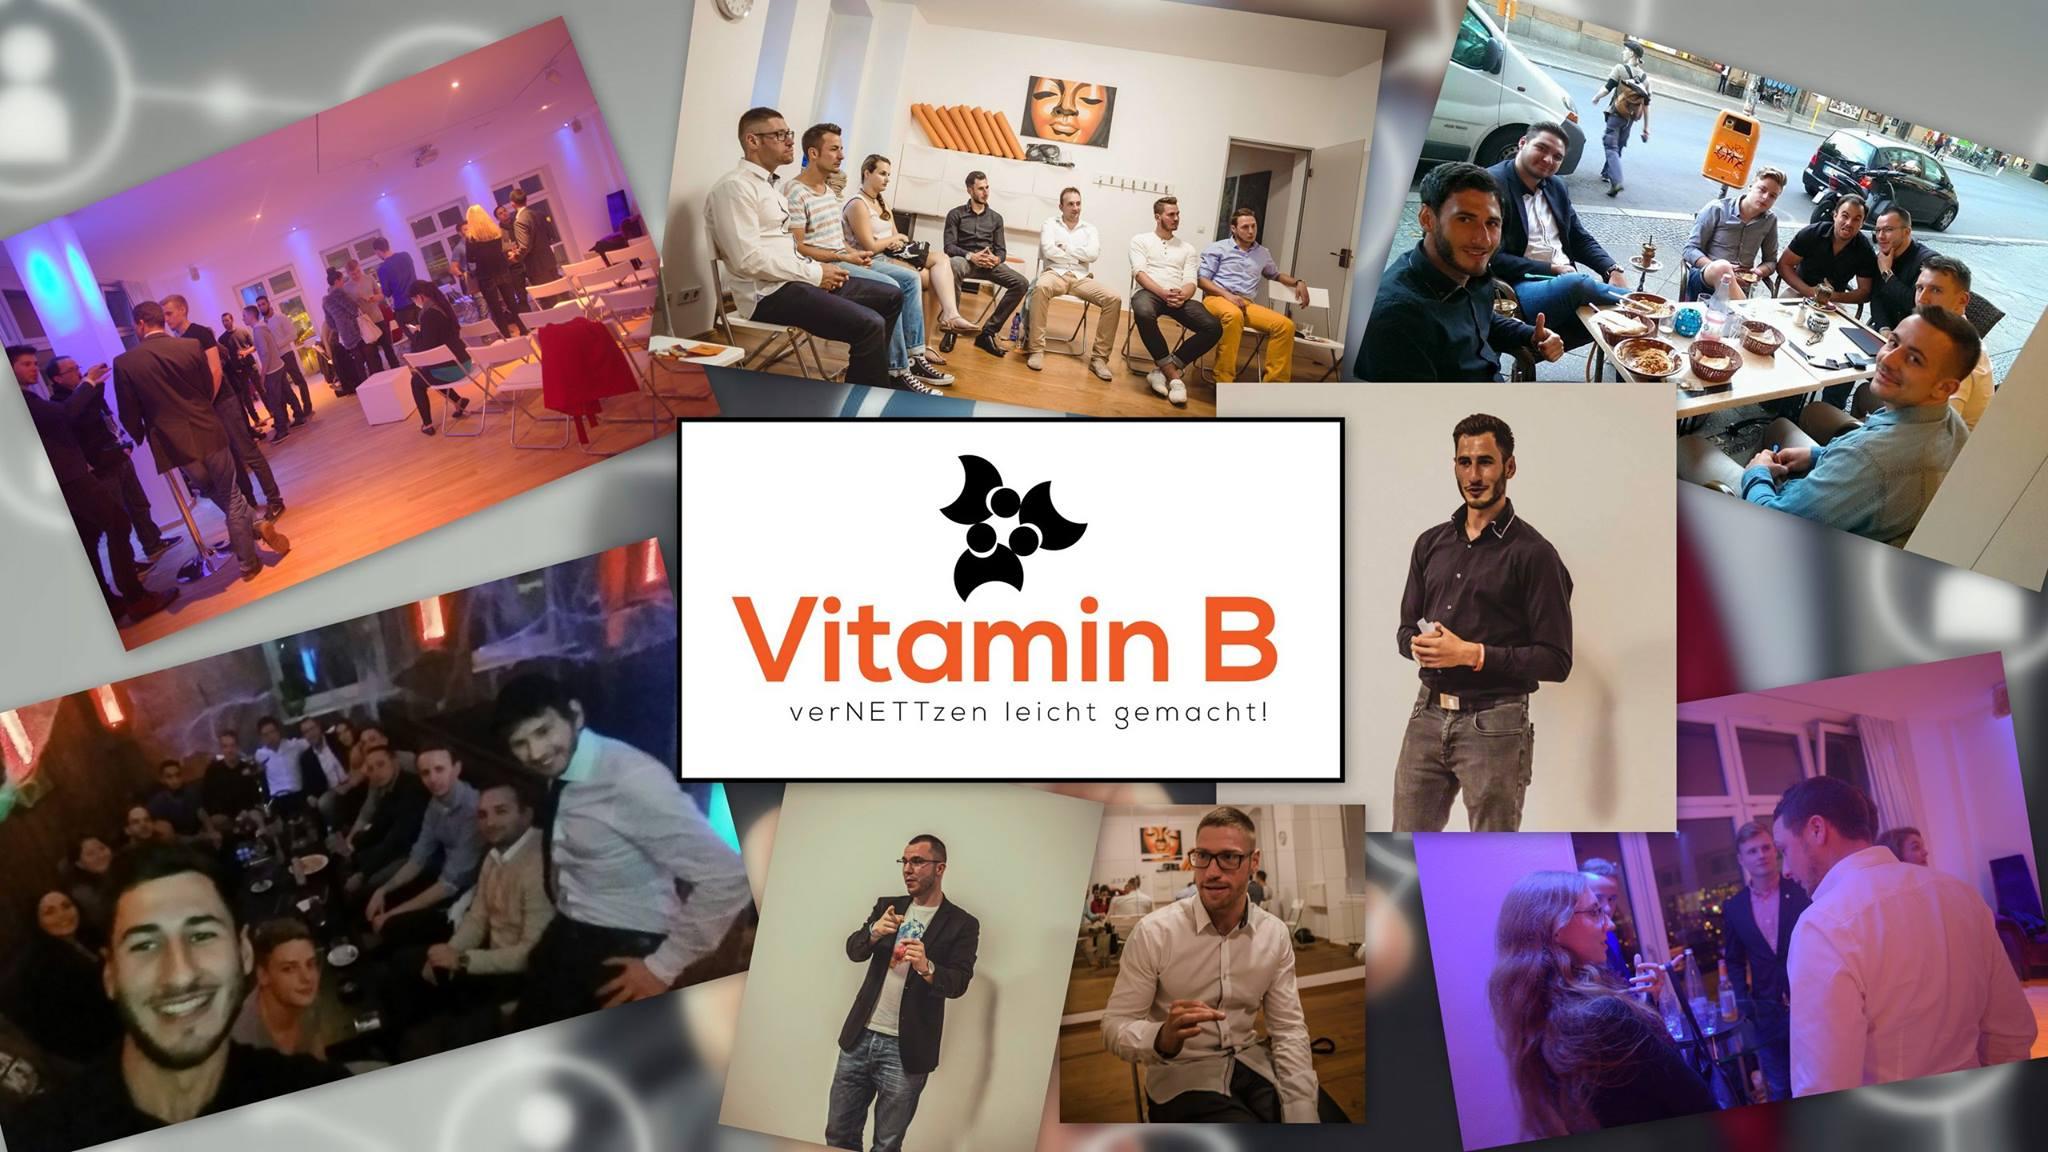 Netzwerken mit Vitamin B - Erfolgreich durch Netzwerken